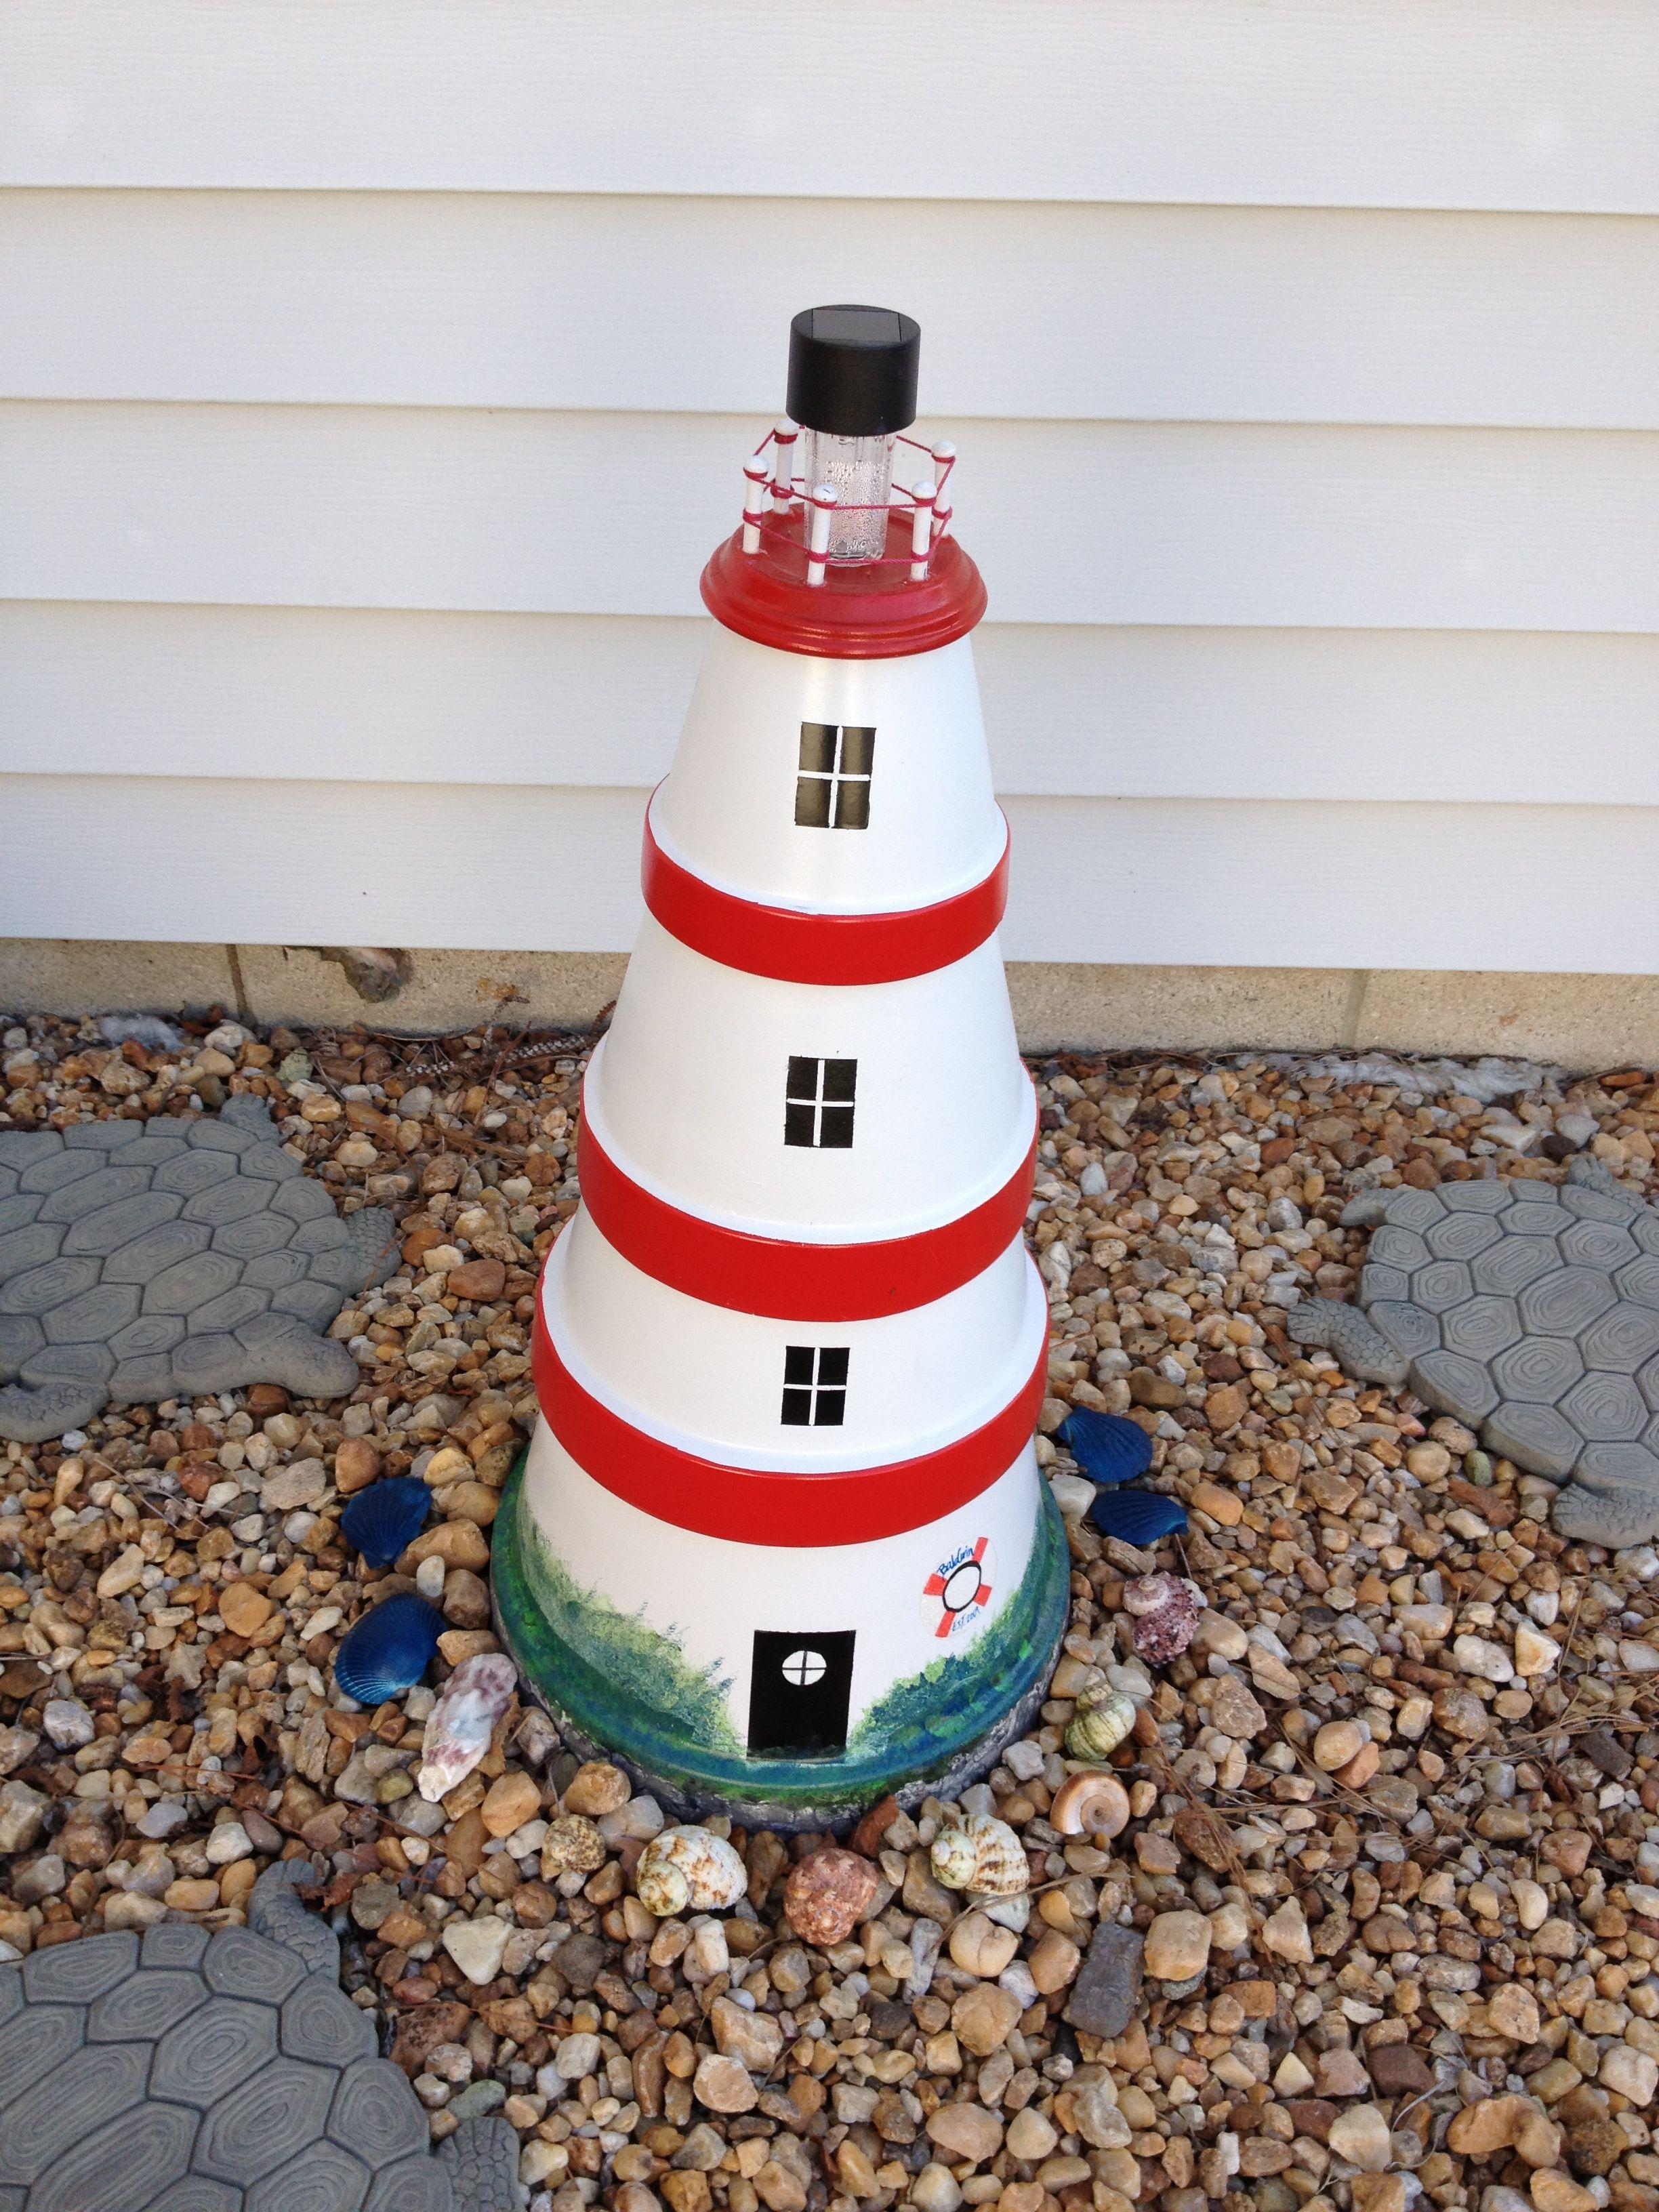 Diy make a clay pot lighthouse diy craft projects - Manualidades Con Macetas Para Decorar En Casa Lighthouse Craftclay Pot Lighthouseclay Pot Craftsdiy